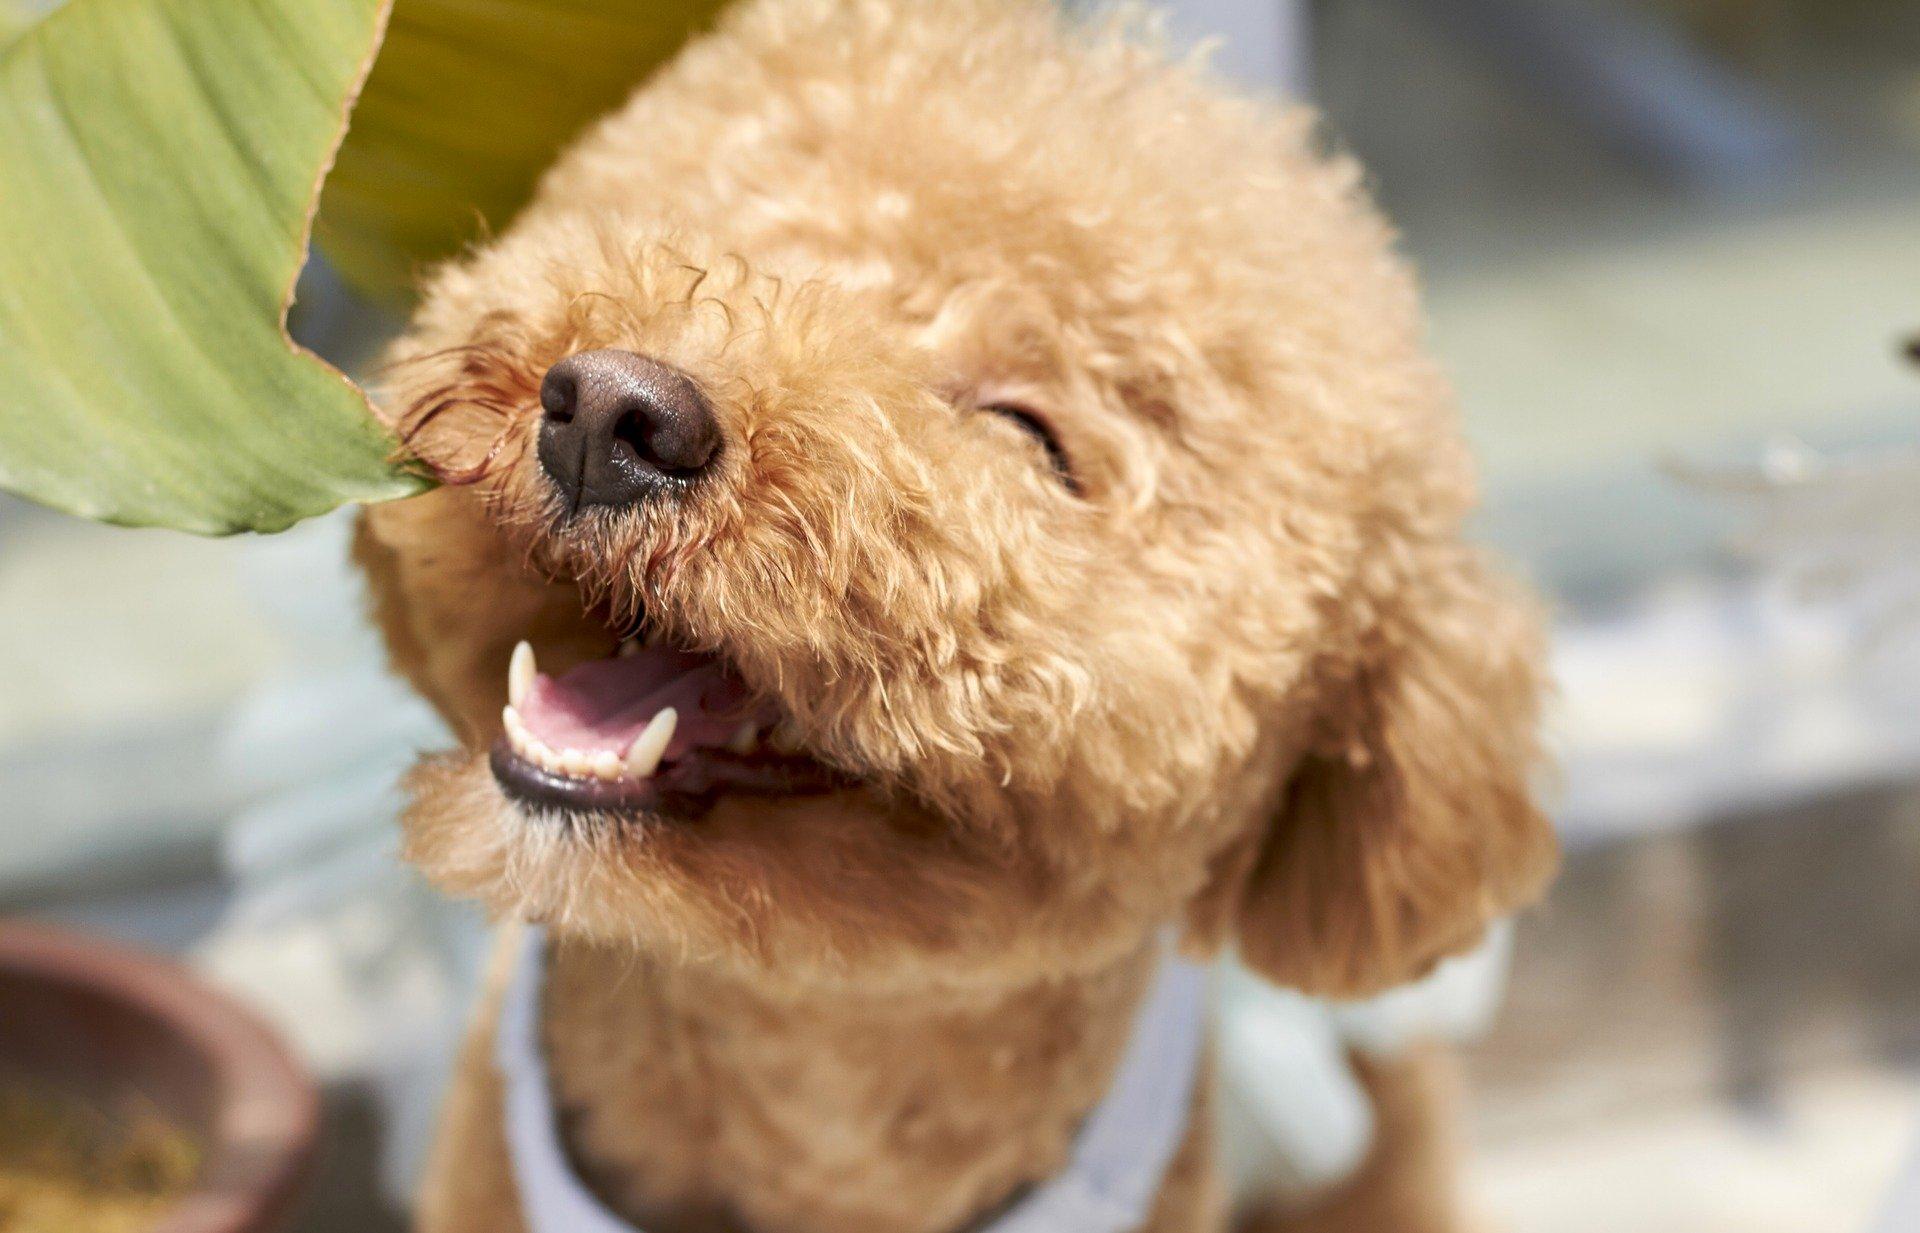 もう失敗しない!愛犬の正しい爪切りの頻度や対処法をご紹介   winnova